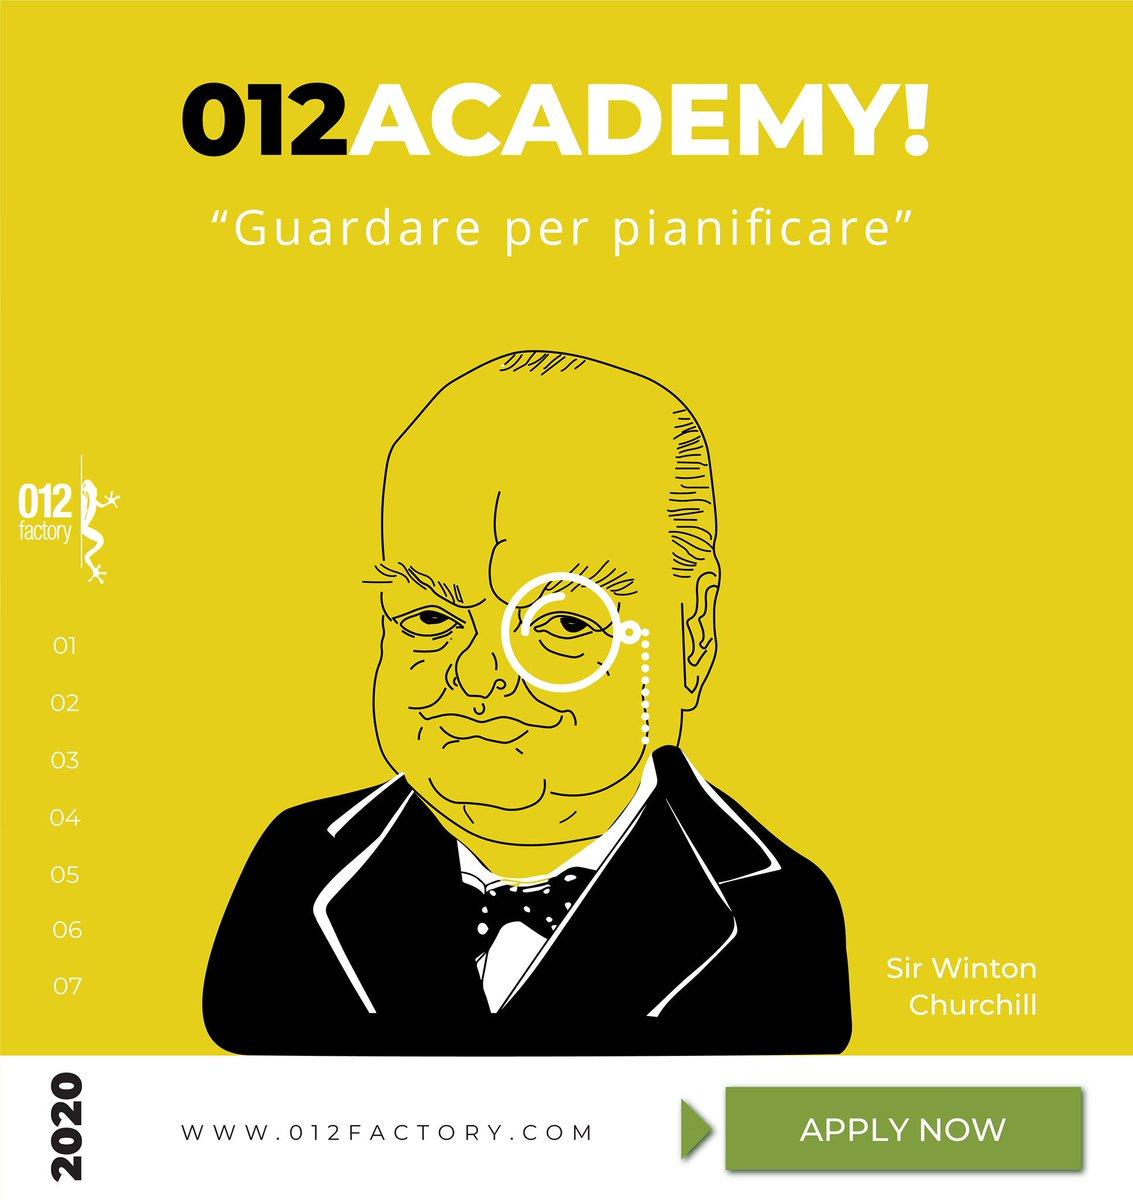 Guardare per pianificare #012Academy Invia la tua candidatura per la settima edizione dell'Academy imprenditoriale 012 e sarai ricontattato per un colloquio! https://t.co/FGzBLuEFBl https://t.co/ri5EIPSA6r